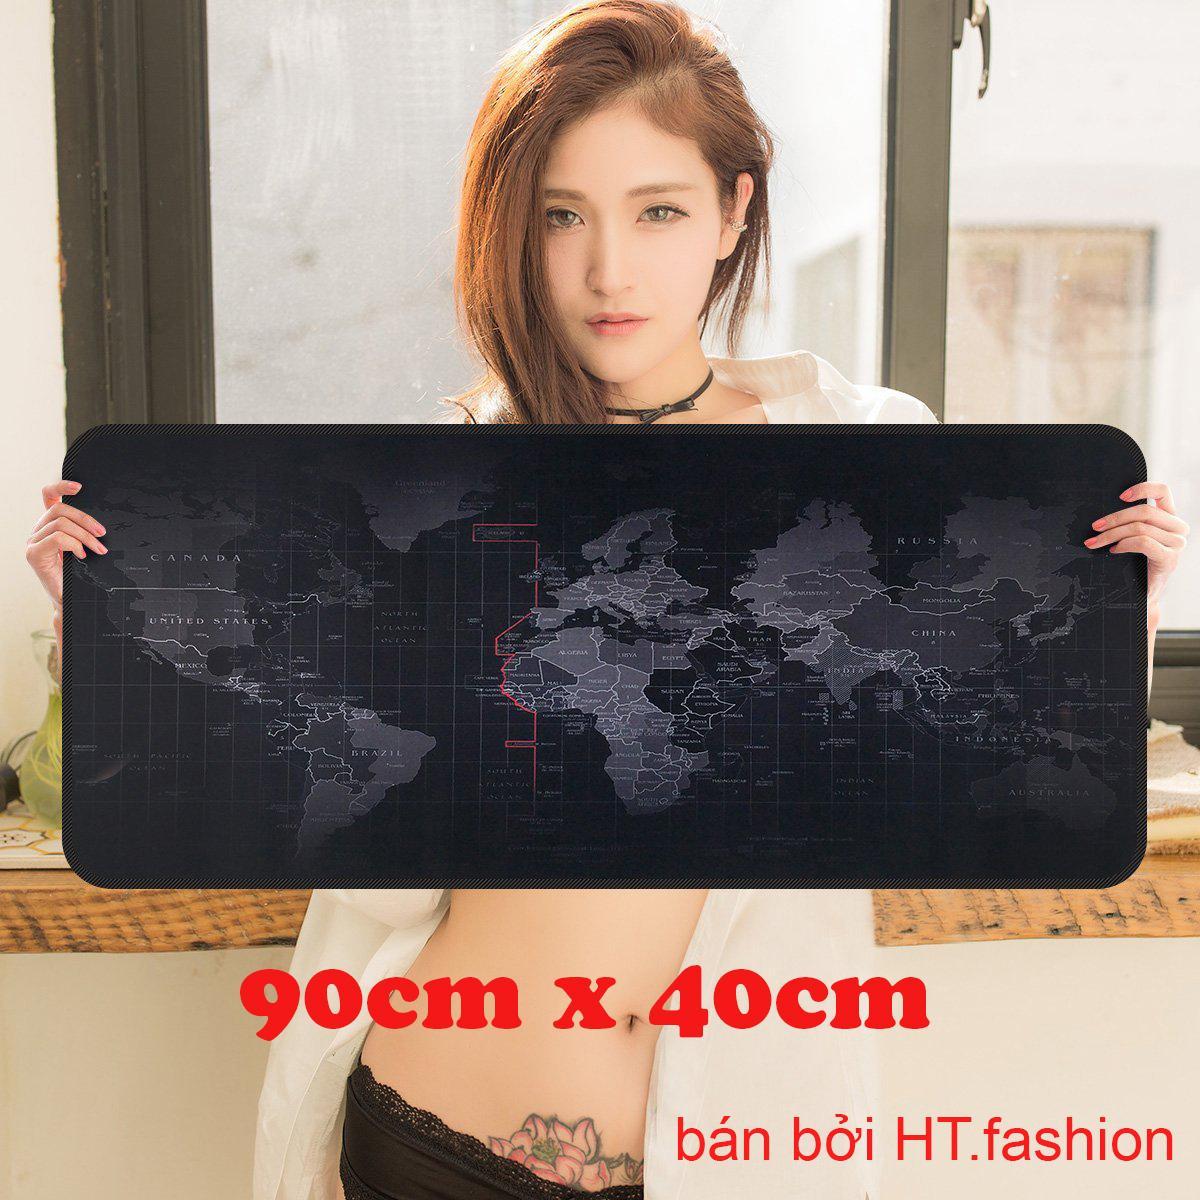 HT.fashion - Bàn di chuột bản đồ (pad bản đồ) khổ lớn 90 x 40cm